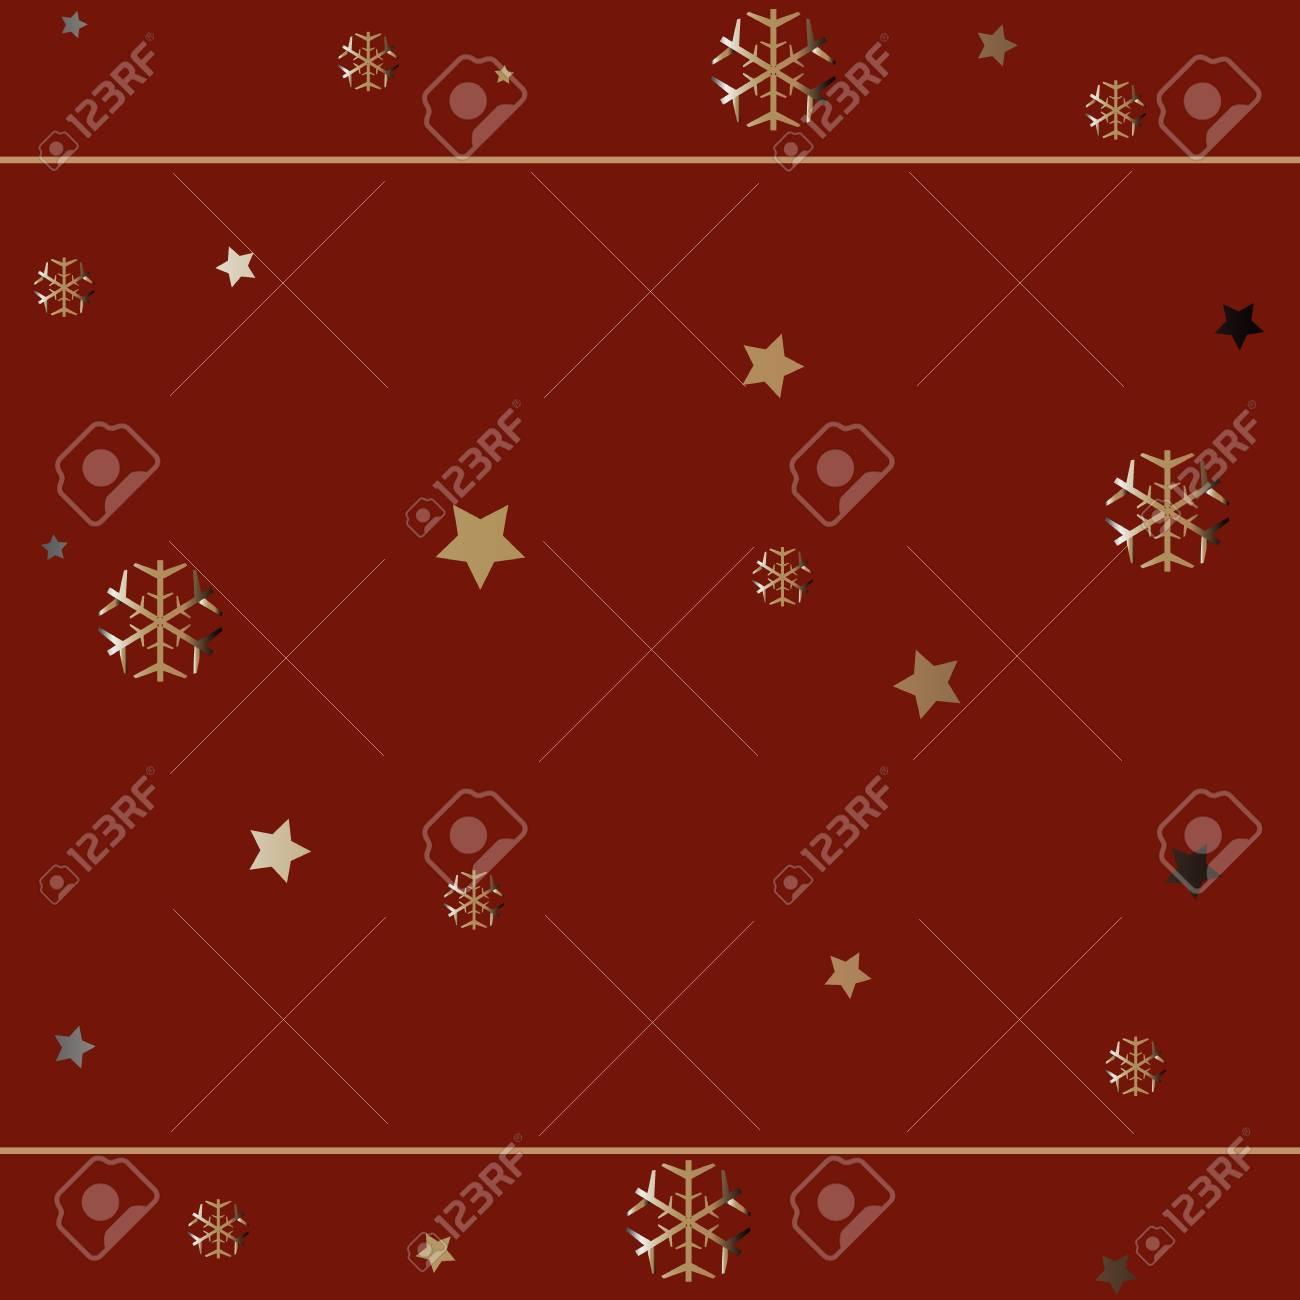 Weihnachtsmotive Für Karten.Stock Photo